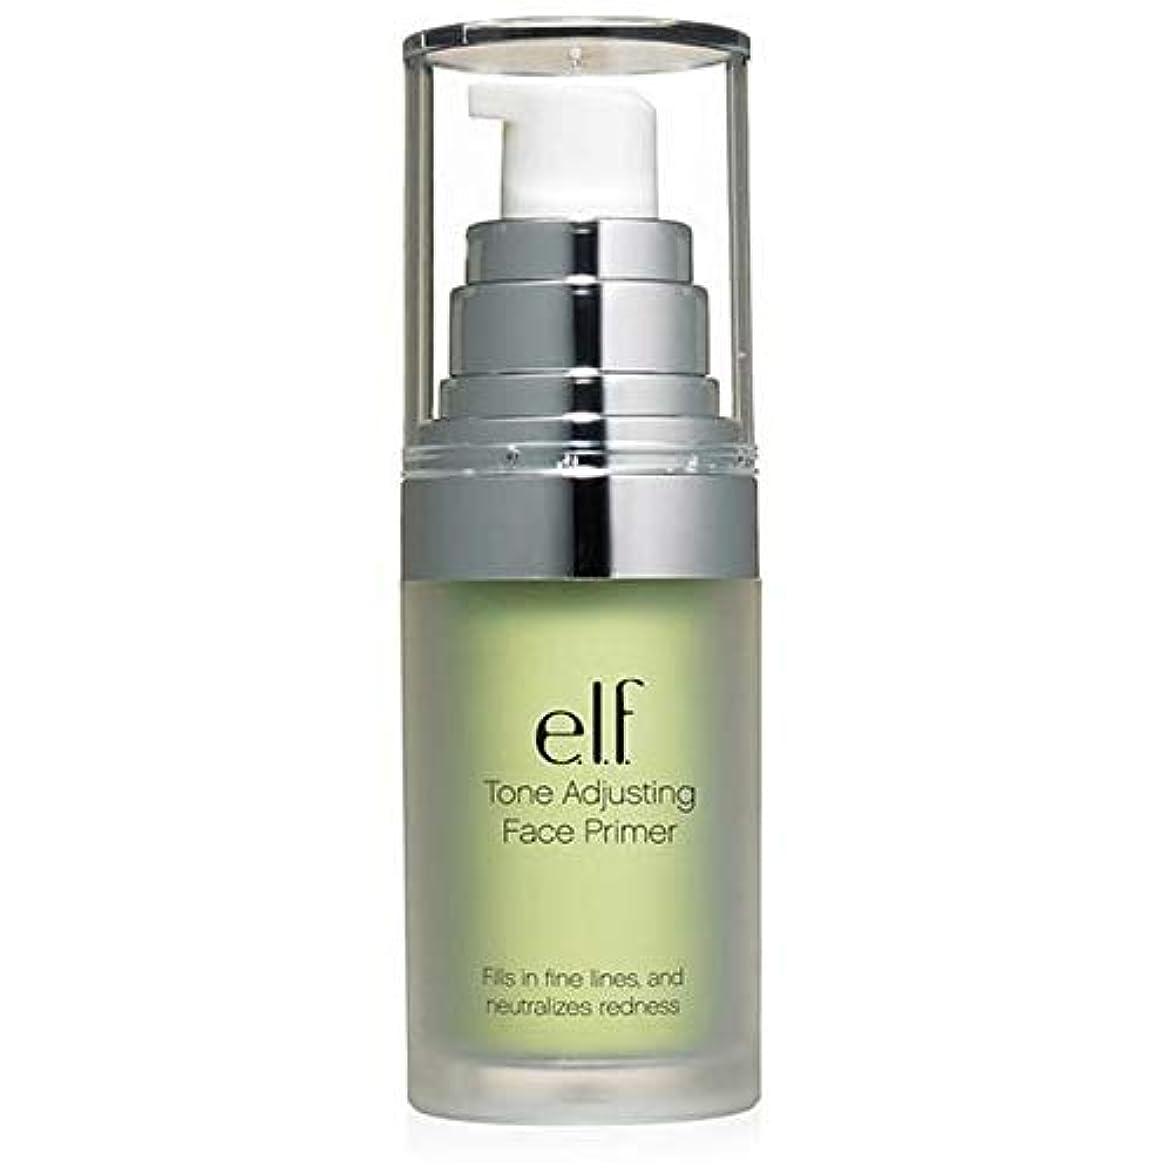 現実したい快適[Elf ] エルフ。緑の402を中和トーン調整顔プライマー - e.l.f. Tone Adjusting Face Primer Neutralizing Green 402 [並行輸入品]